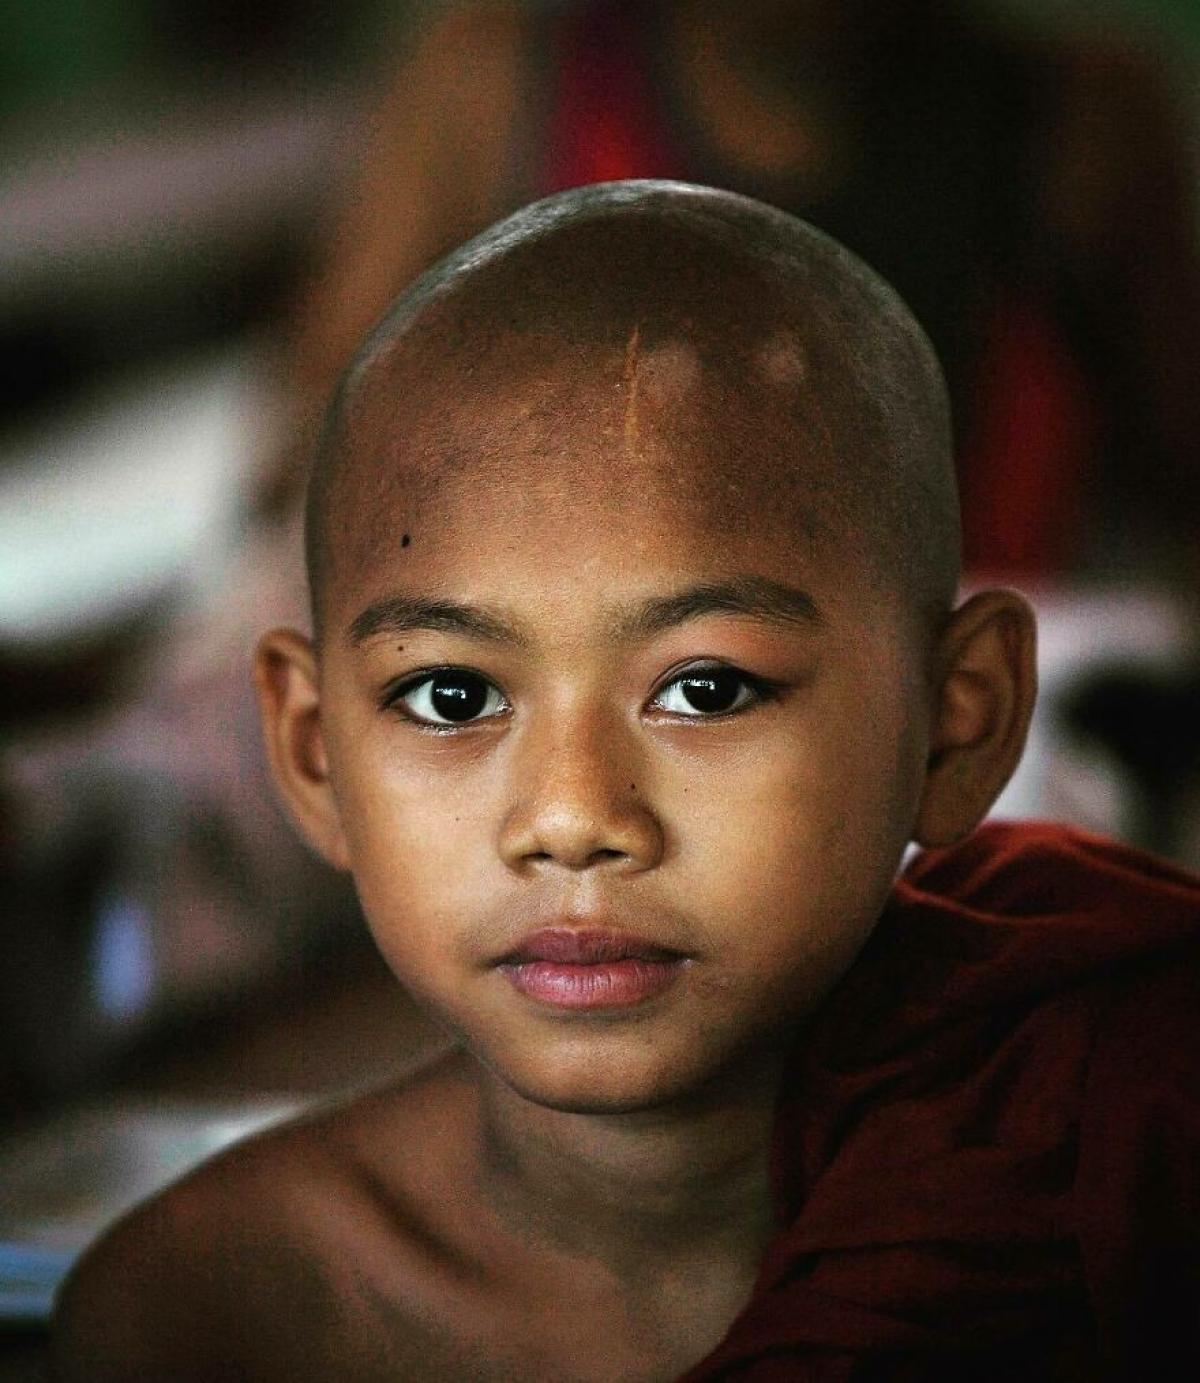 Ánh nhìn cương nghị của một tiểu tăng người Myanmar.